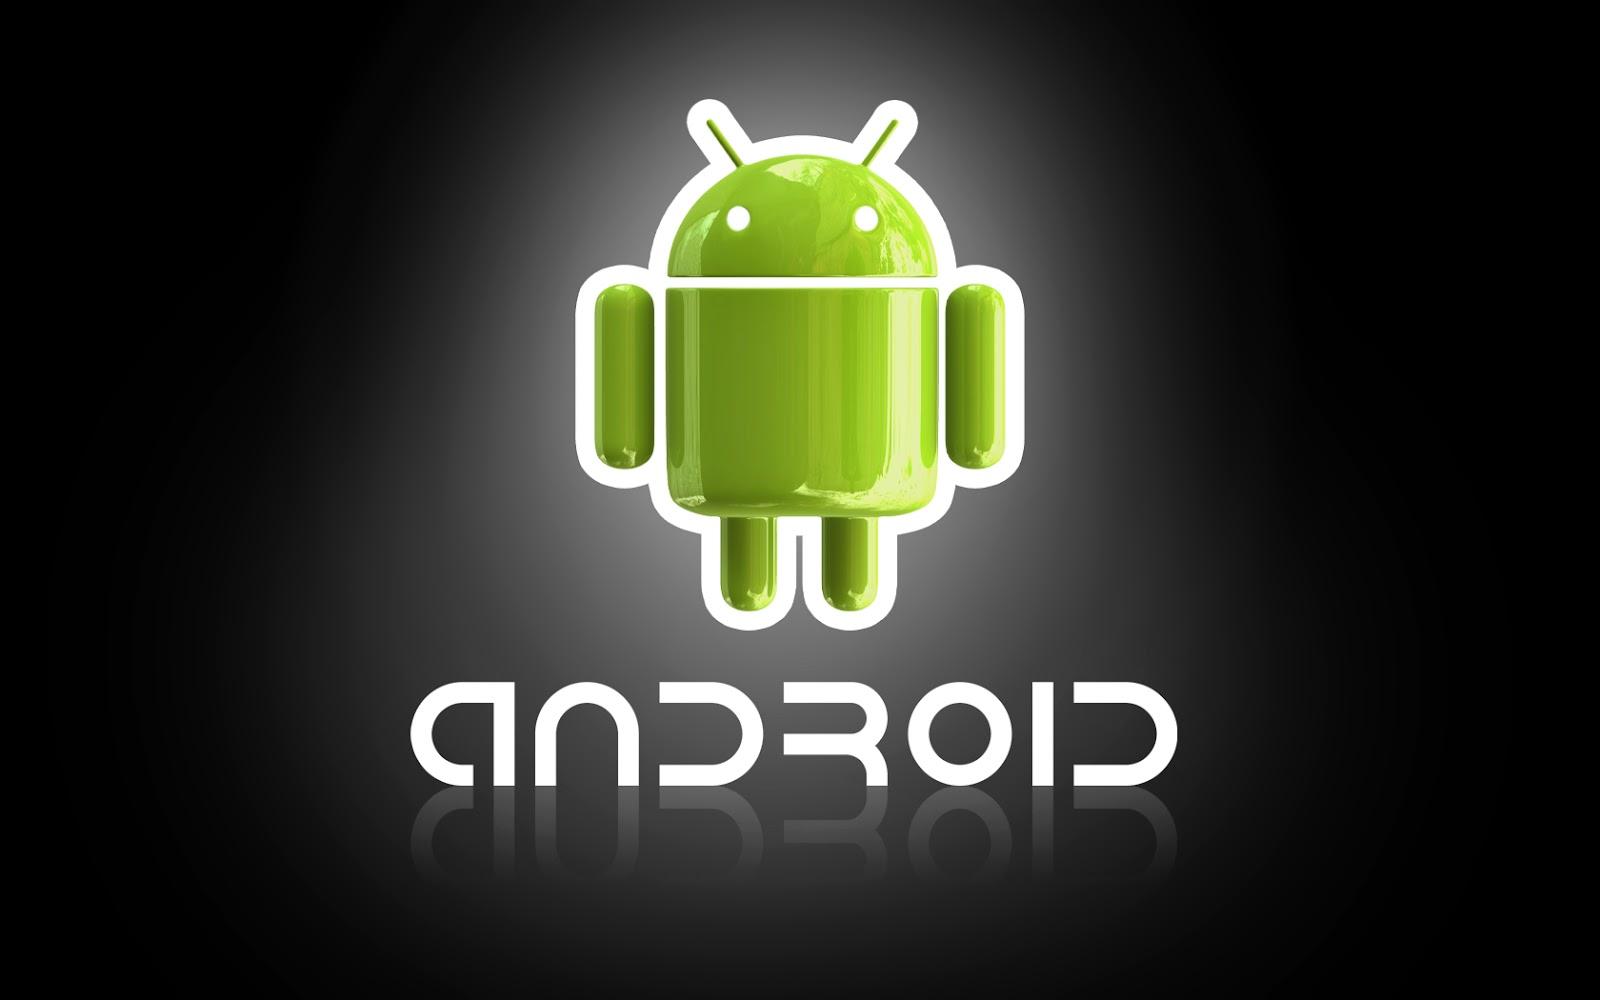 hp android murah dengan spesifikasi tinggi